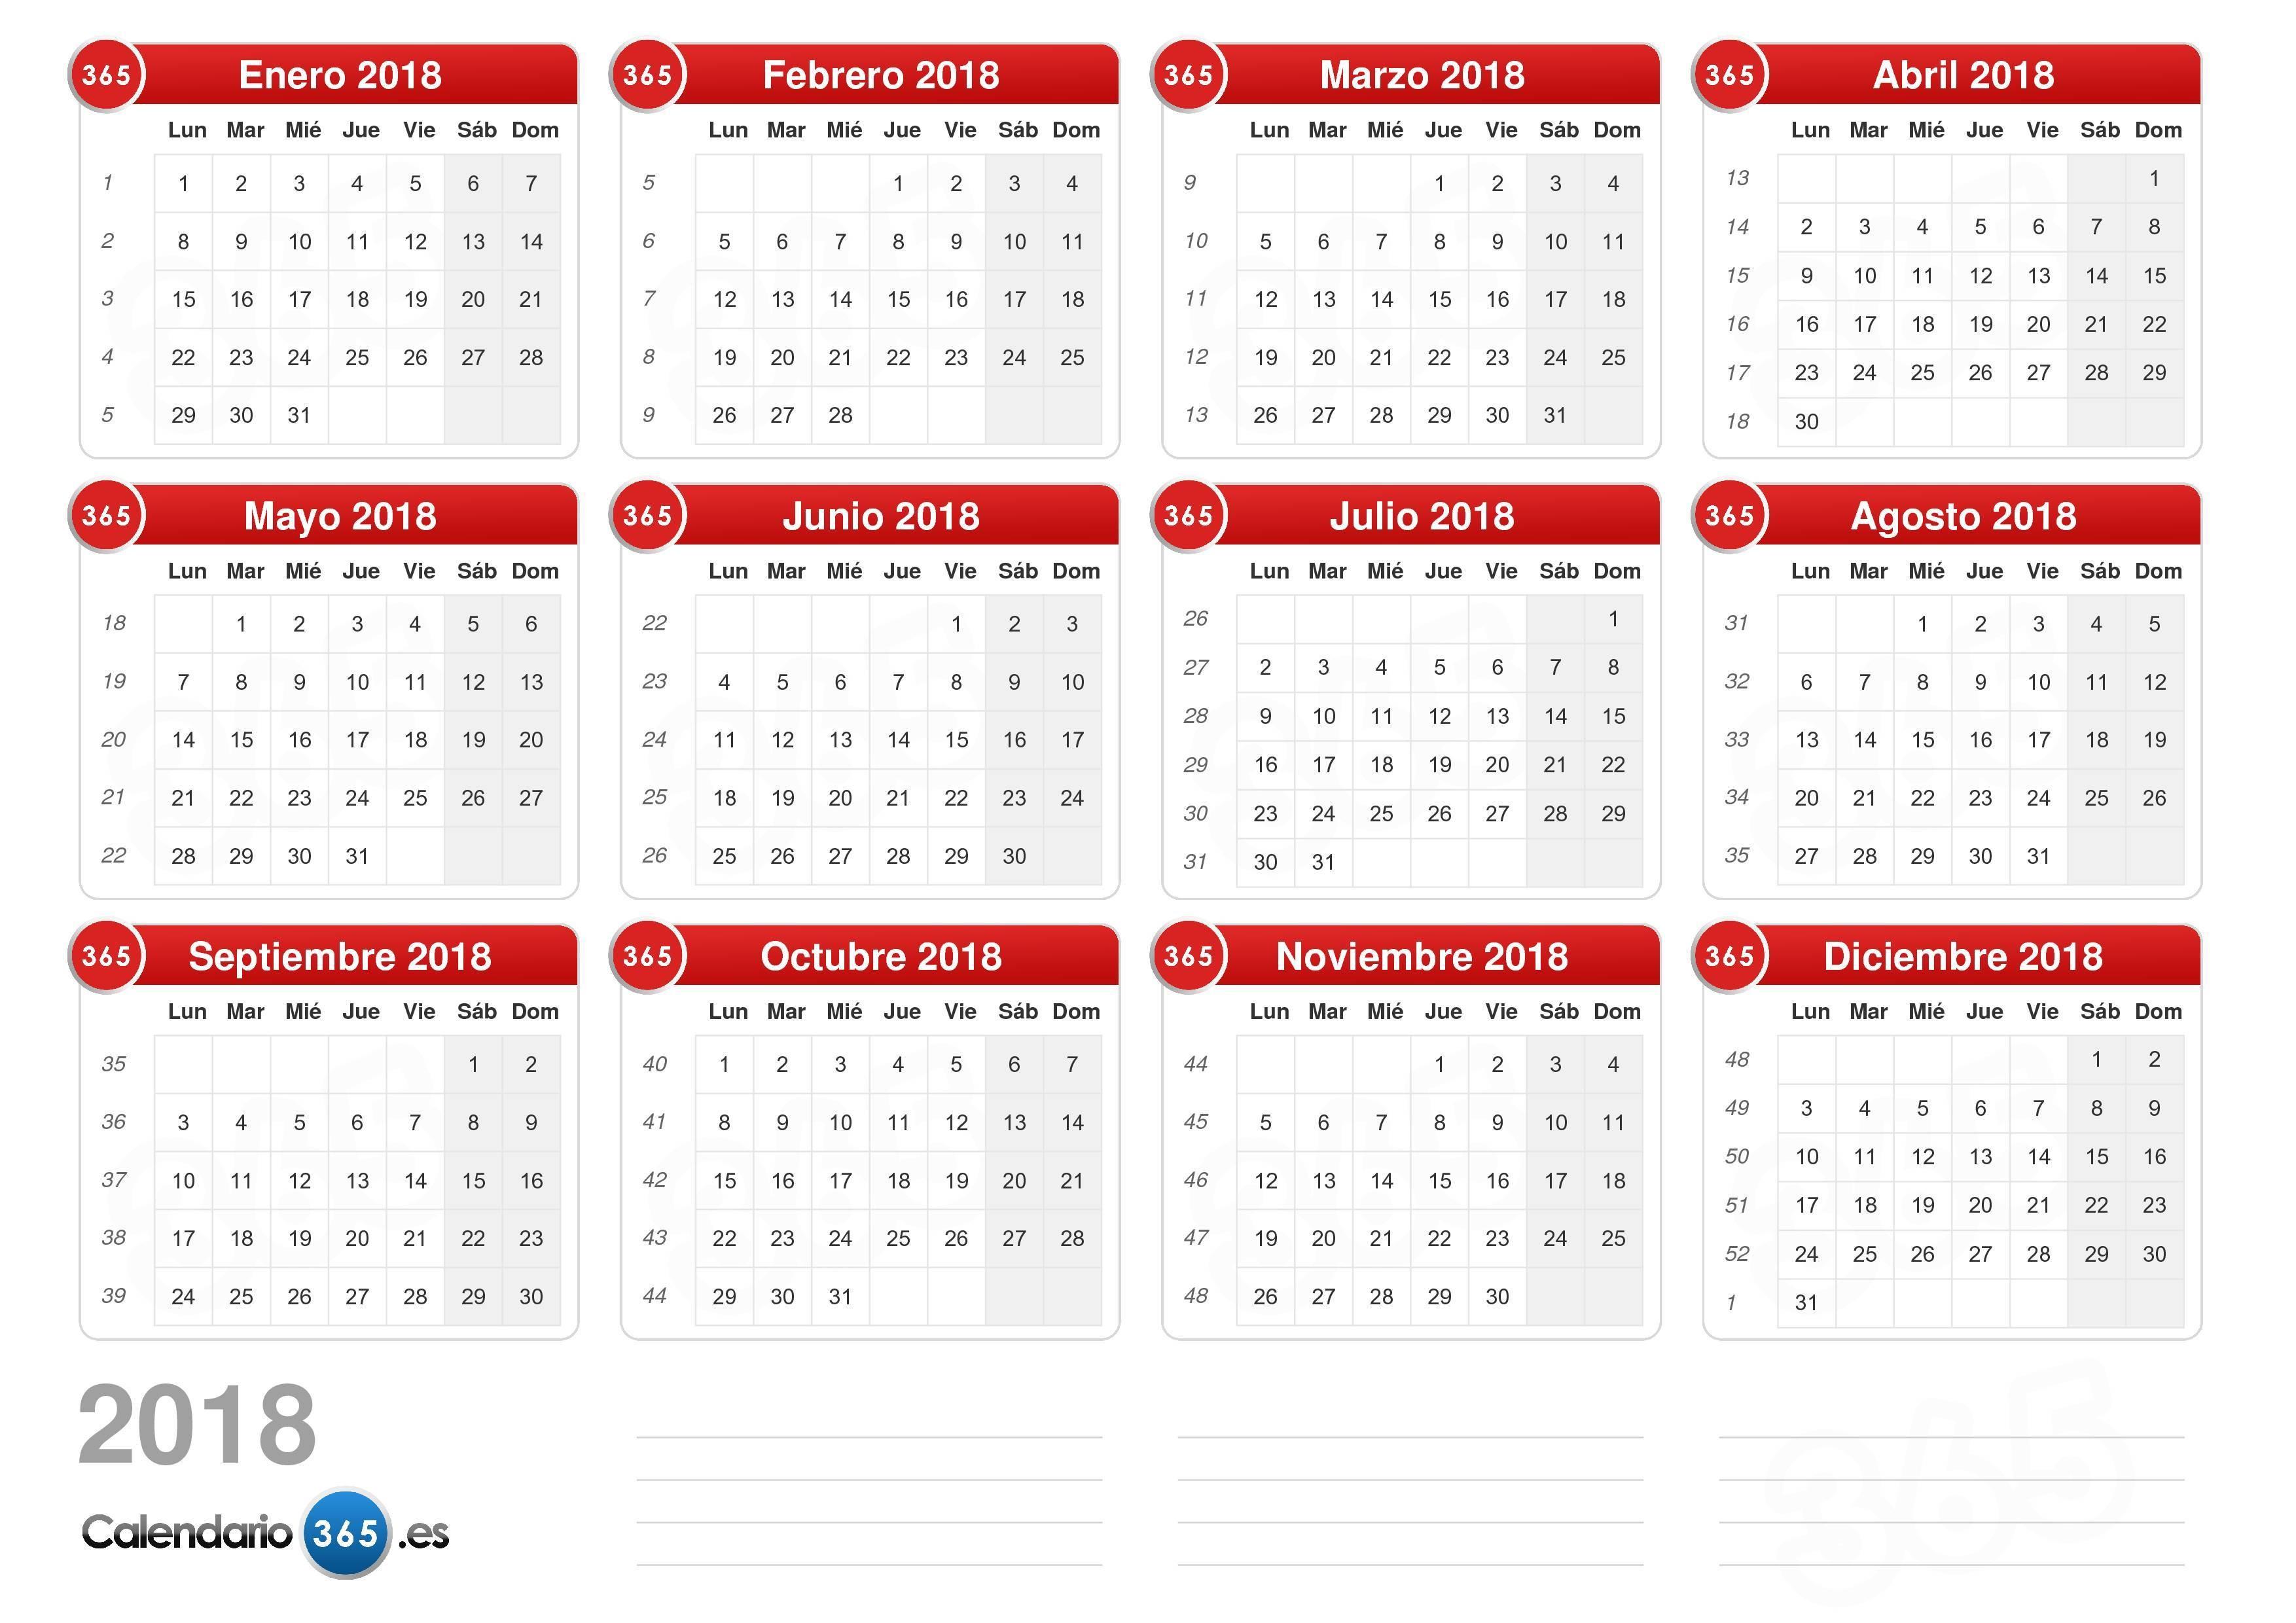 Calendario Imprimir Chile Más Caliente Calendario 2018 Of Calendario Imprimir Chile Más Reciente Descarga El Calendario 2018 De Memoria Chilena Memoria Chilena